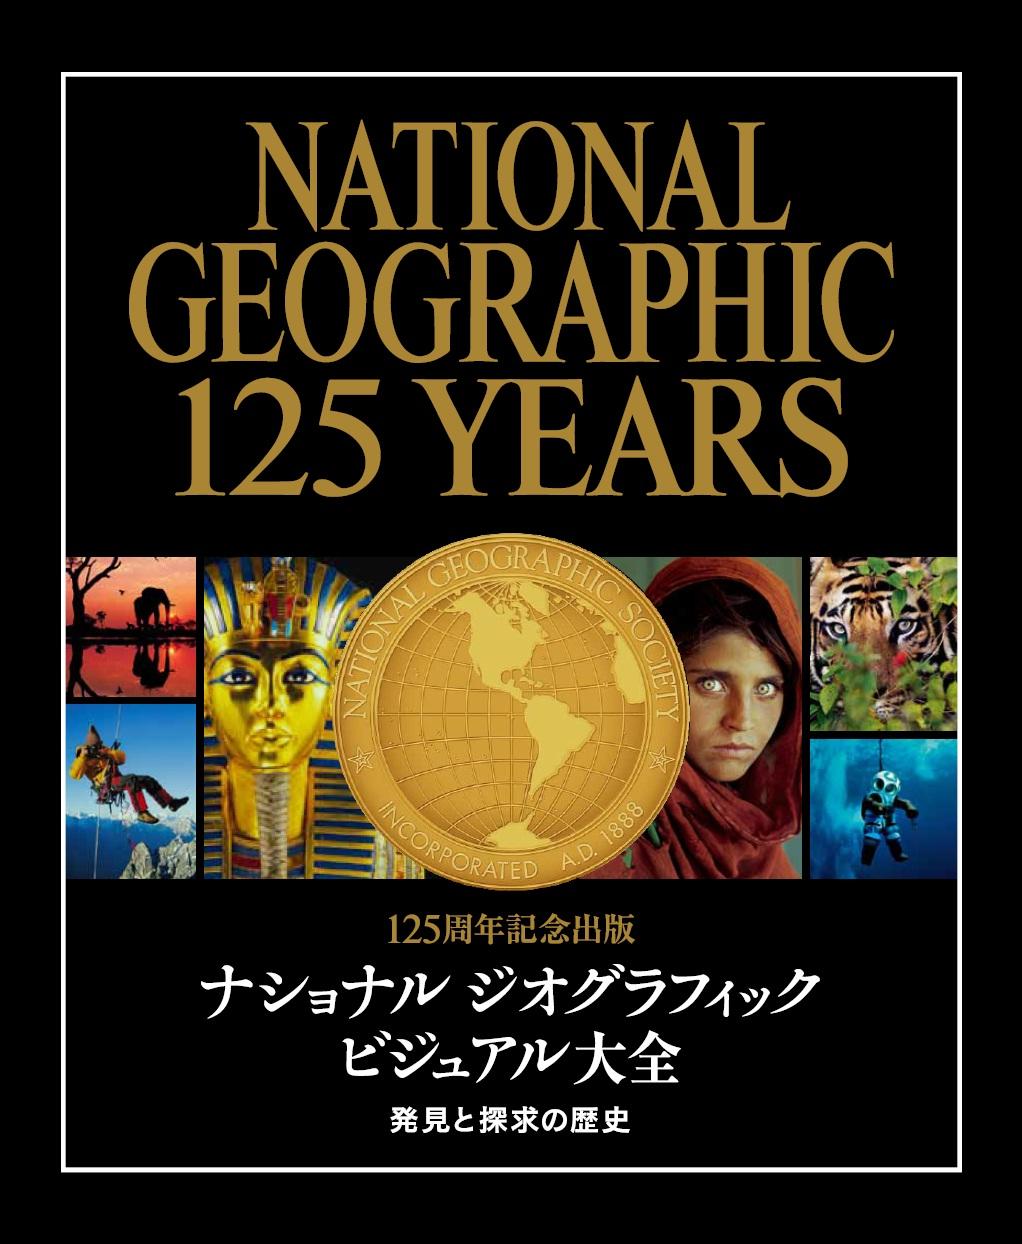 125周年記念出版 ナショナル ジオグラフィック ビジュアル大全